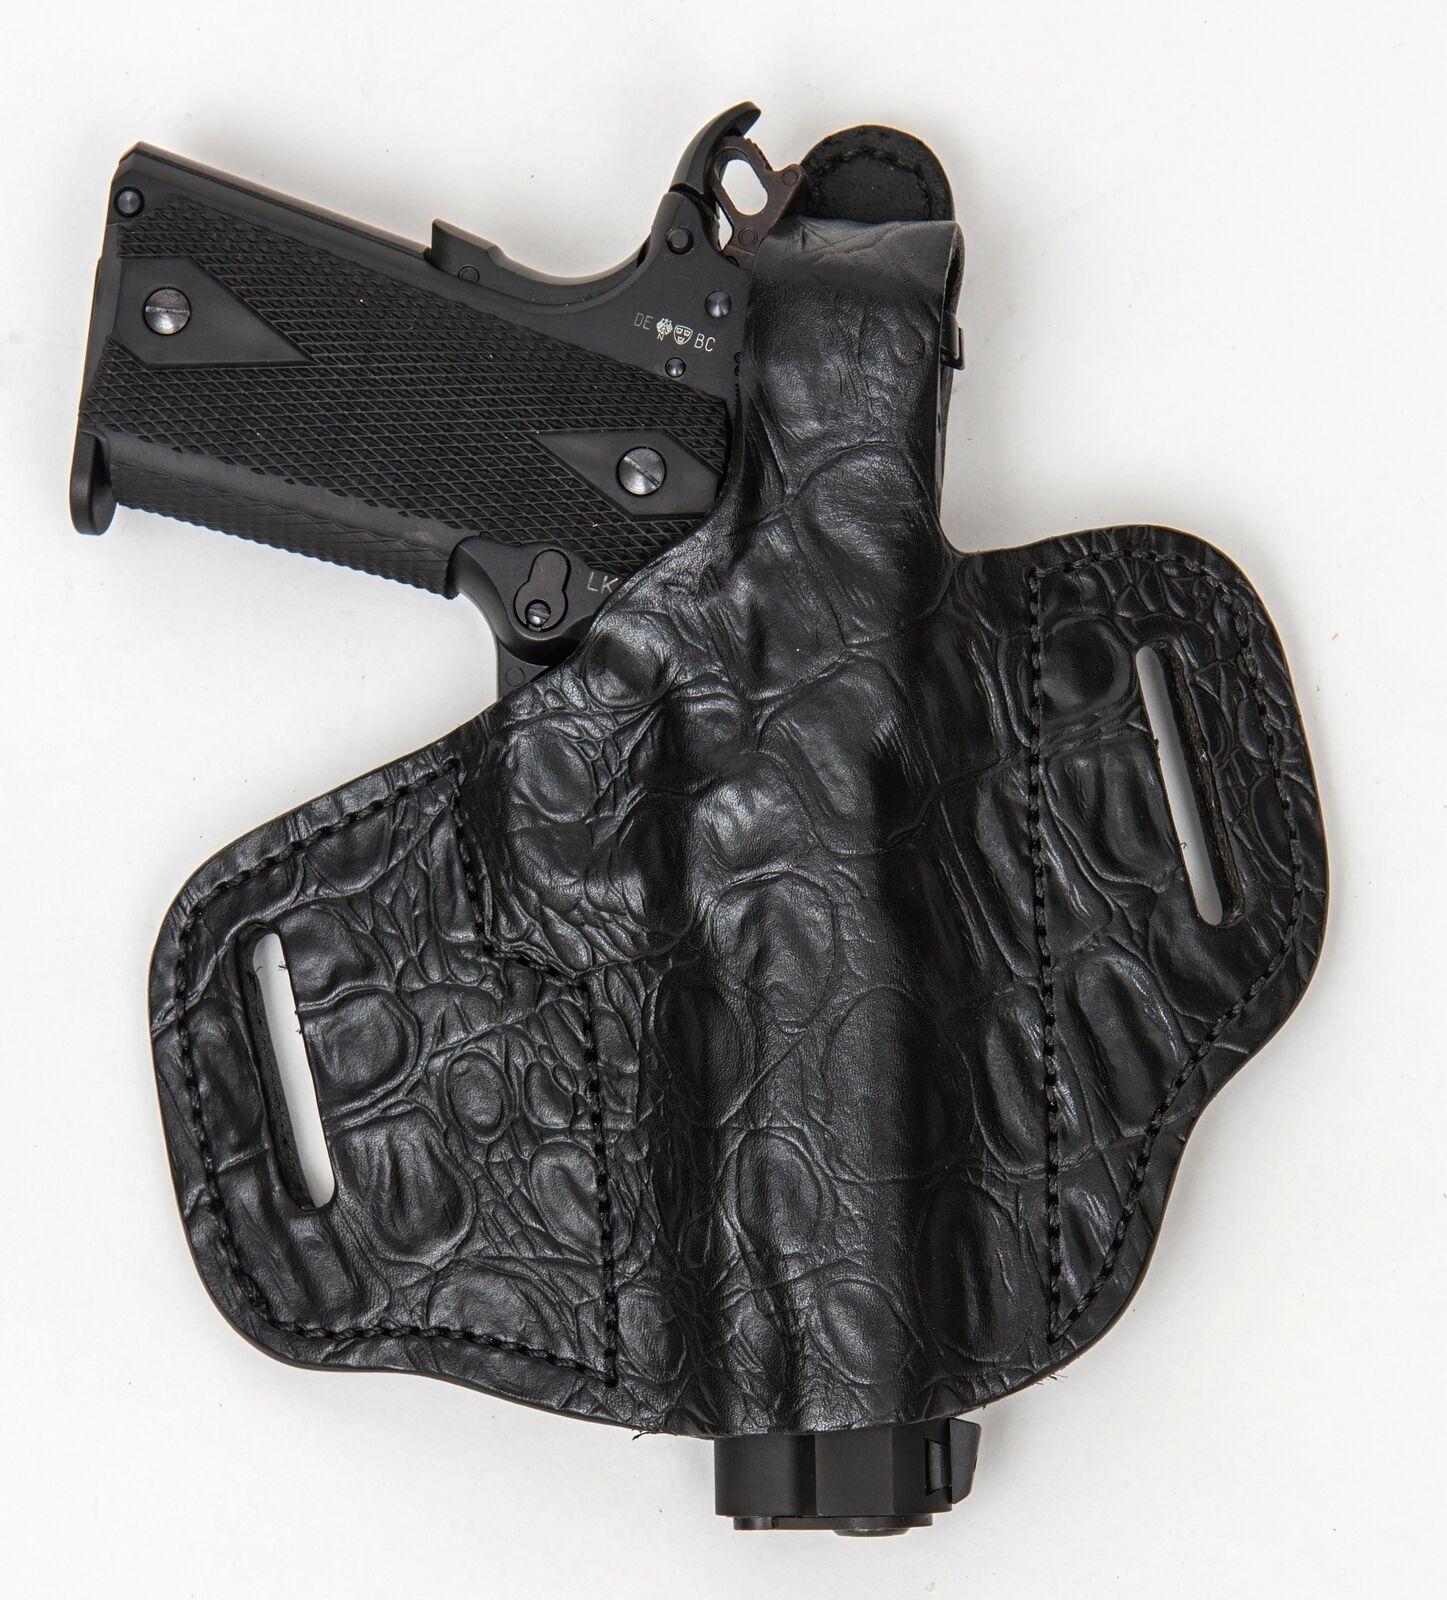 En servicio ocultar RH LH owb Cuero Funda Pistola para Kimber solo con láser